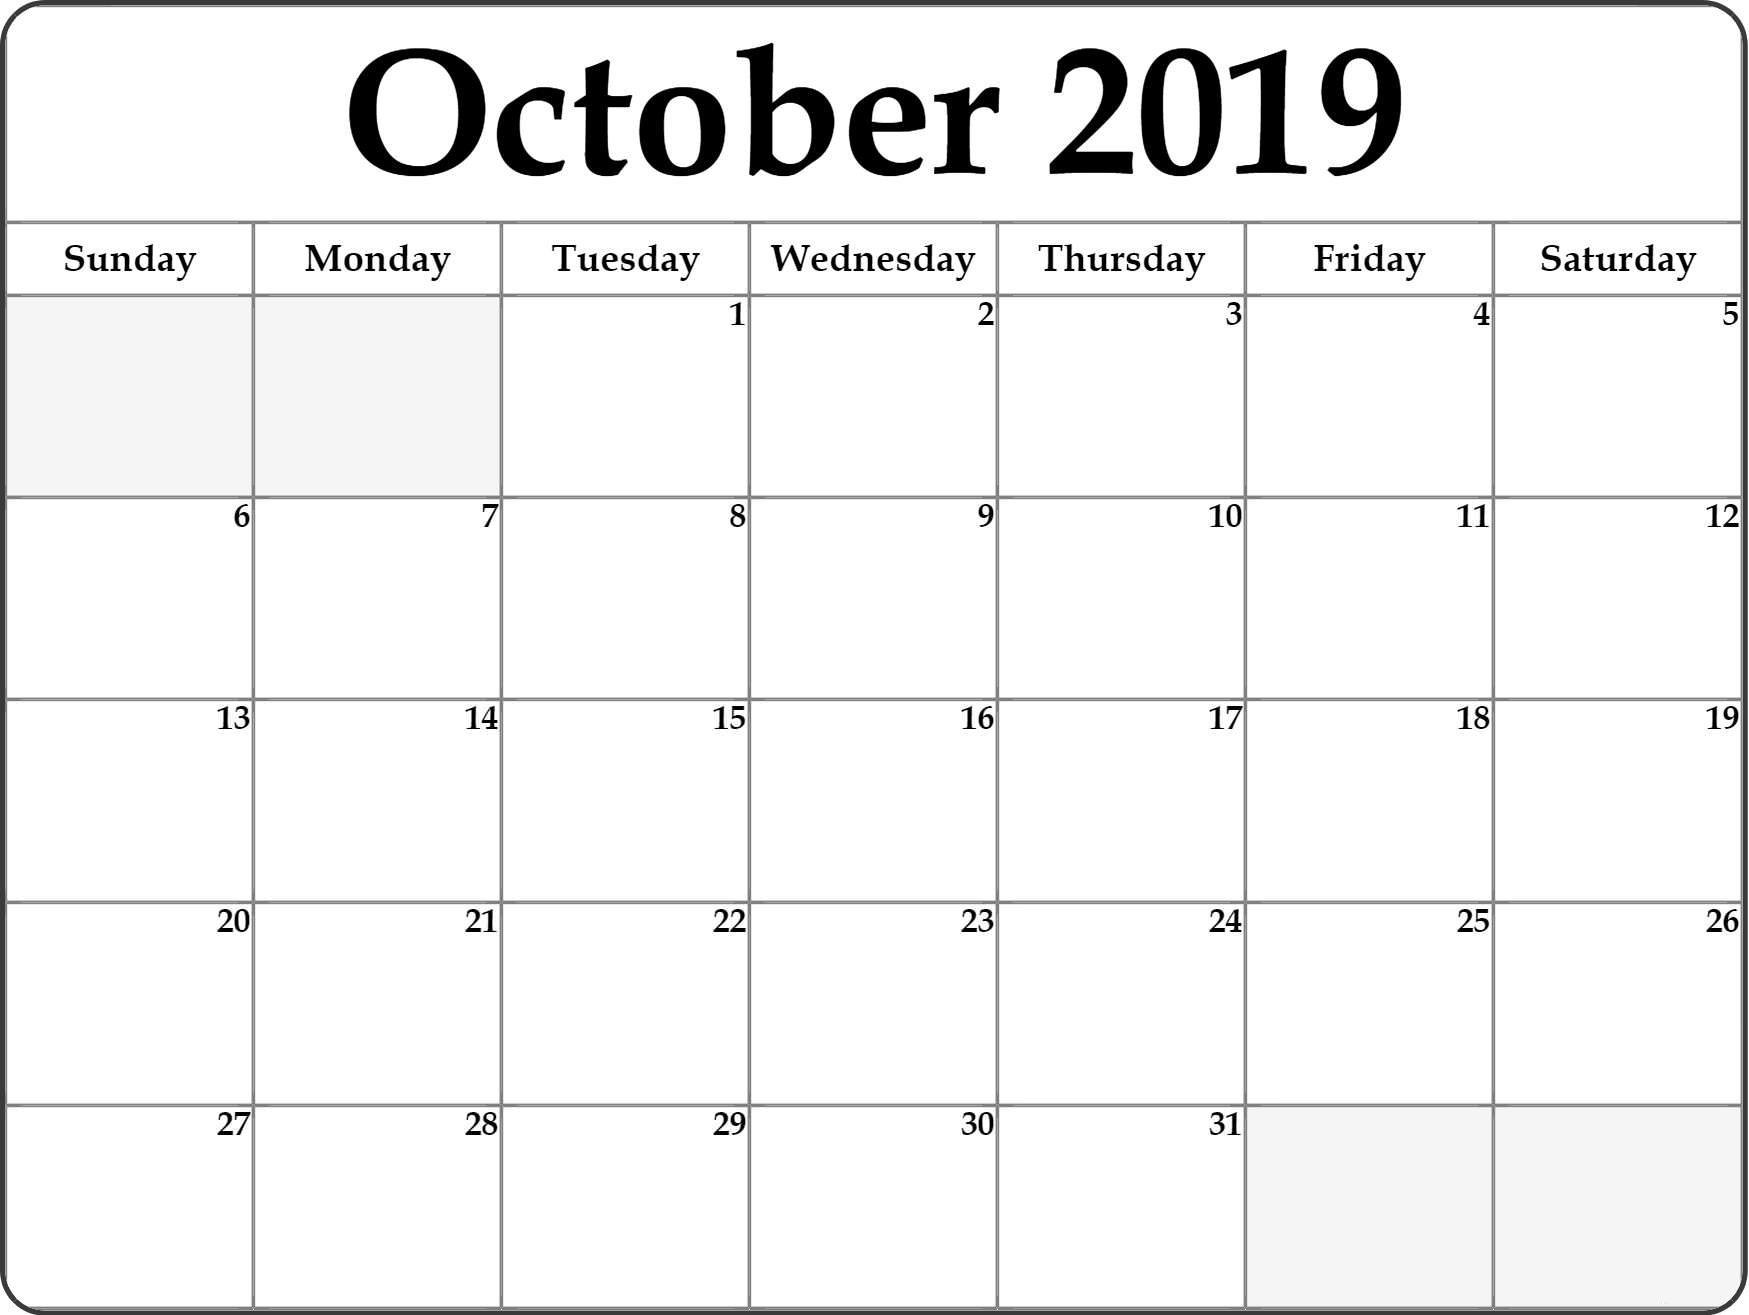 Fillable October Calendar 2019 Editable Printable Notes To throughout Printable Fill In Calendar 2019